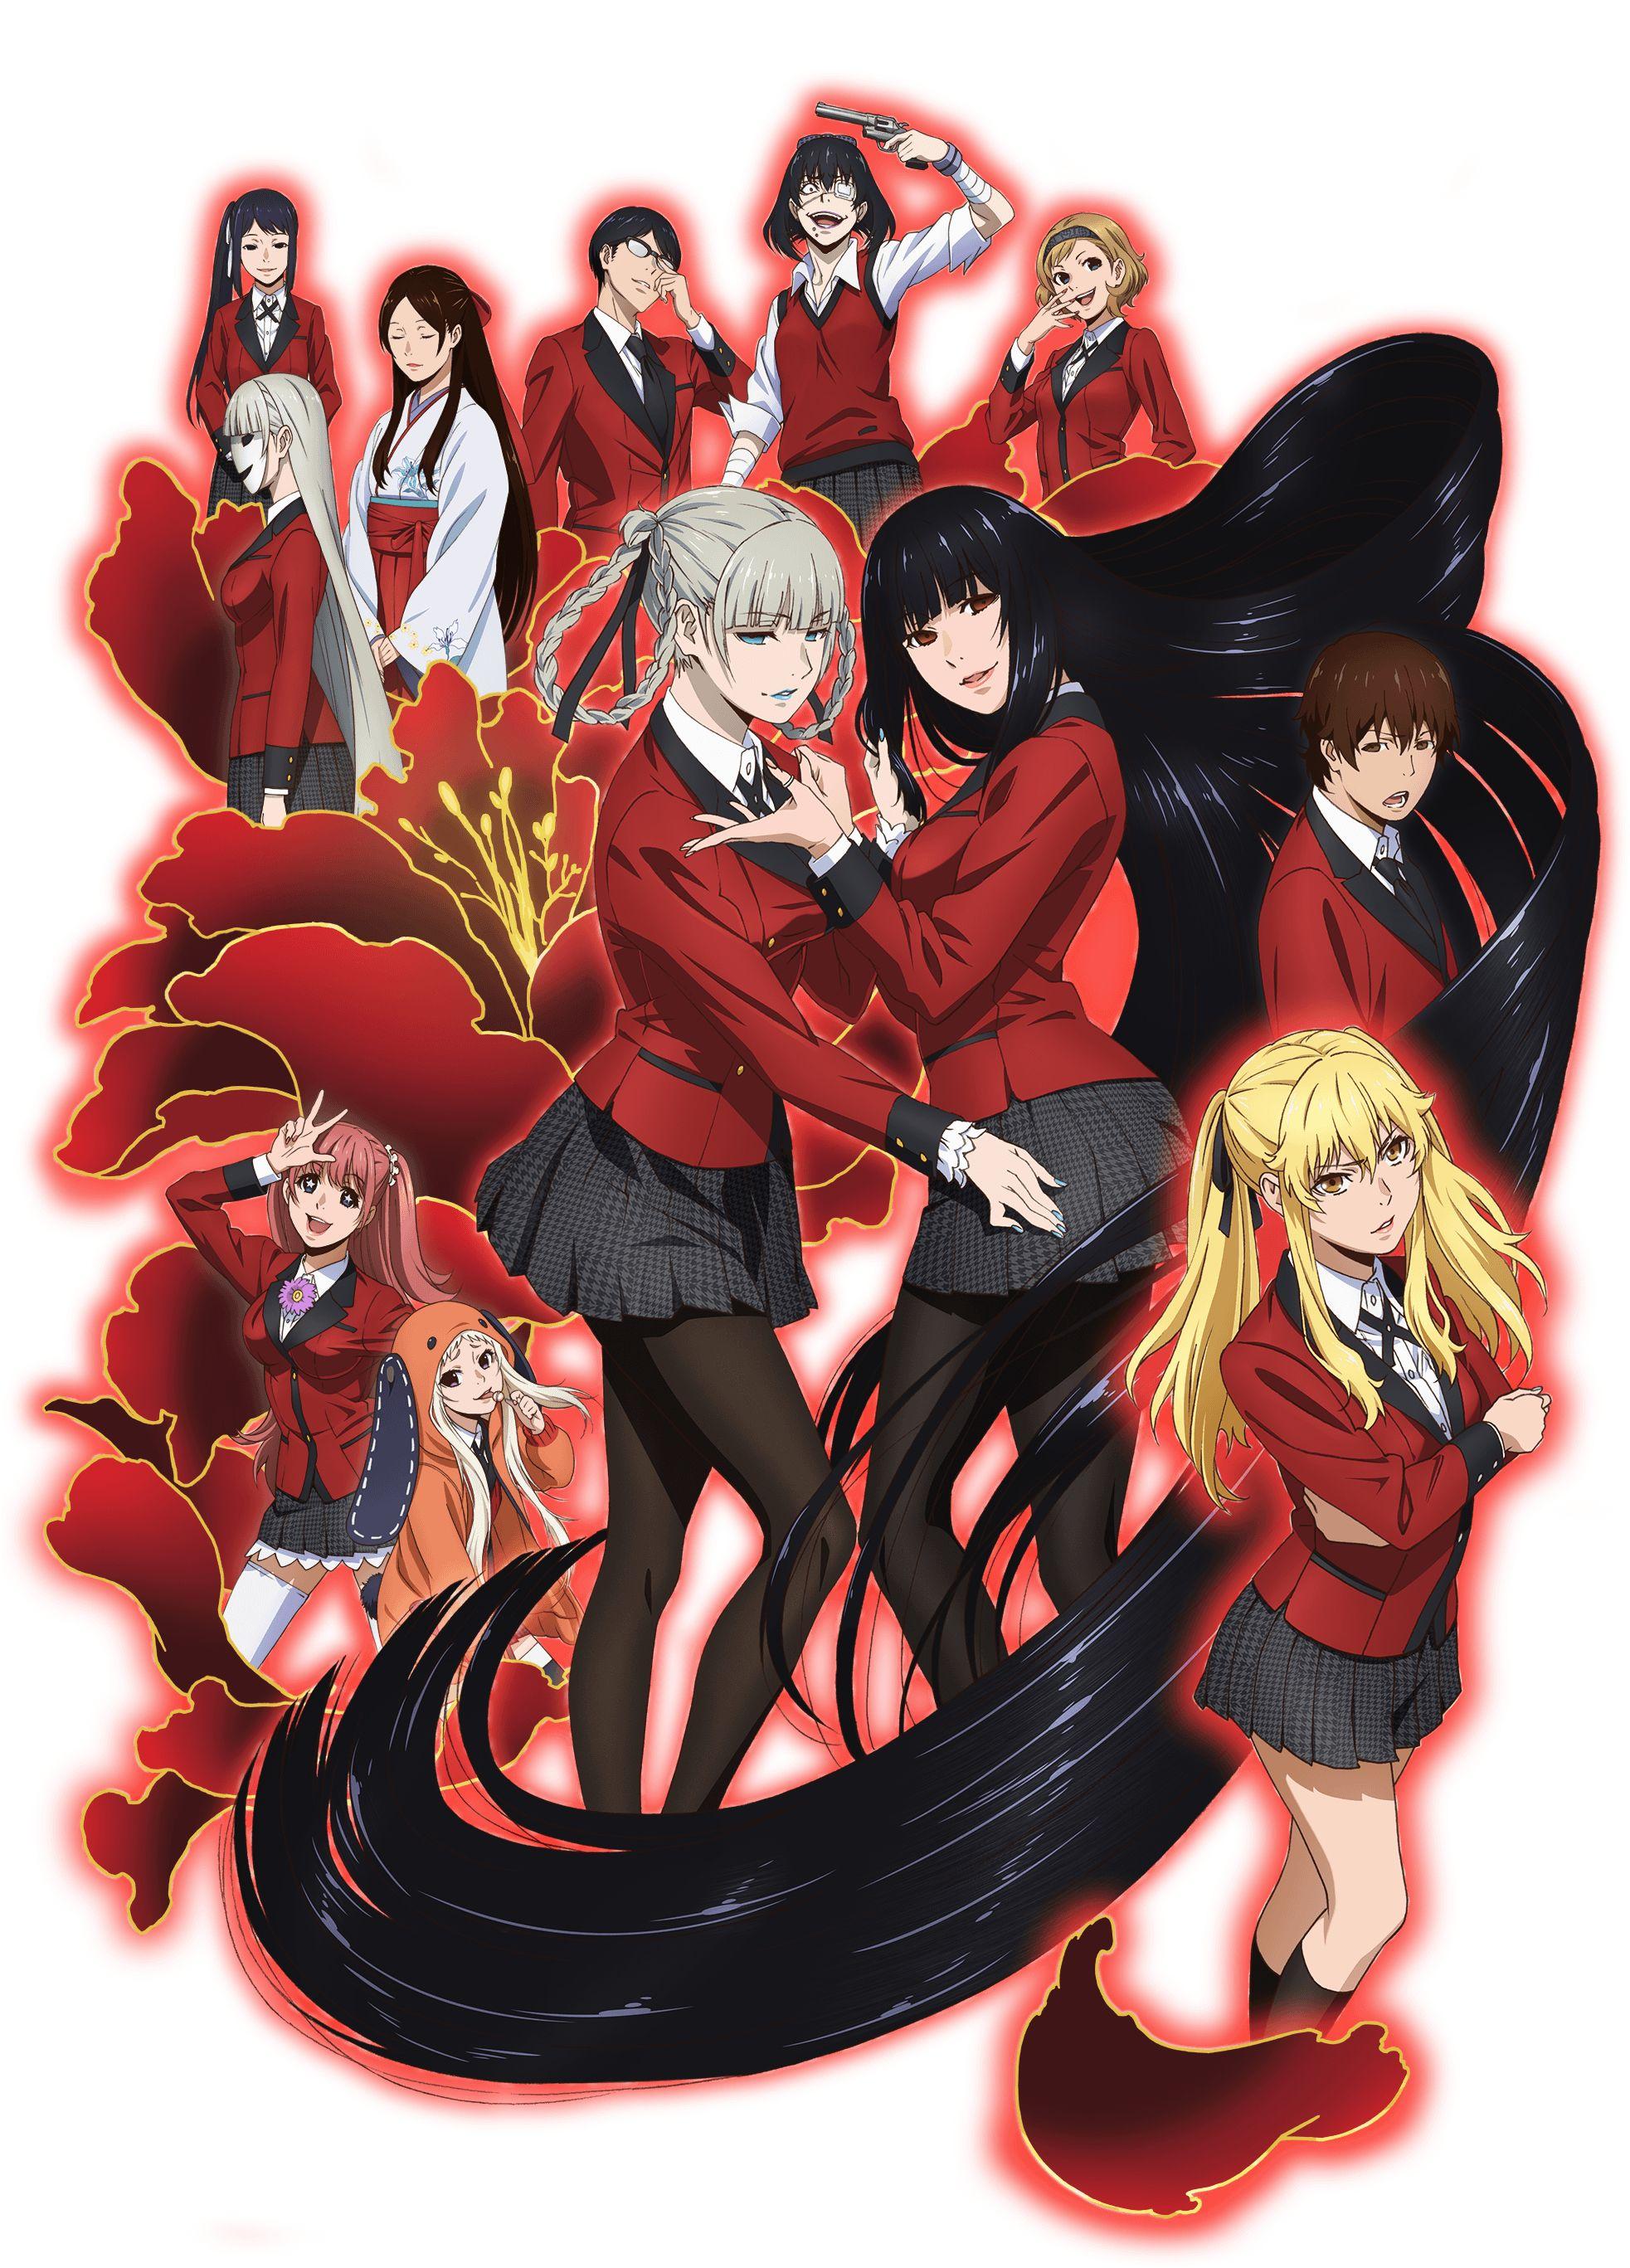 Anime Opening And Ending Of The Week; Kakegurui Anime